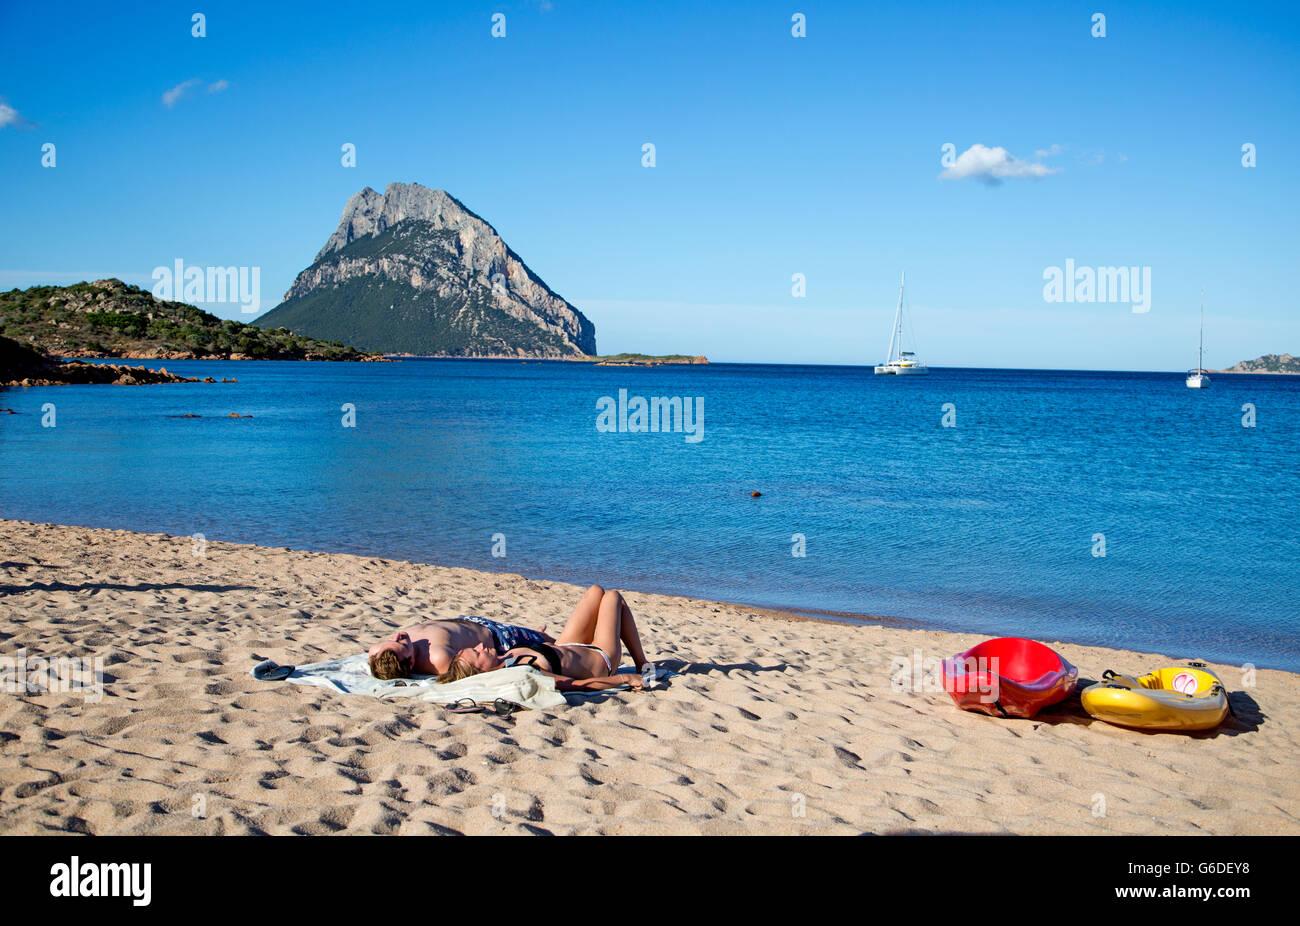 La spiaggia di Porto Paolo Sardegna Italia Immagini Stock